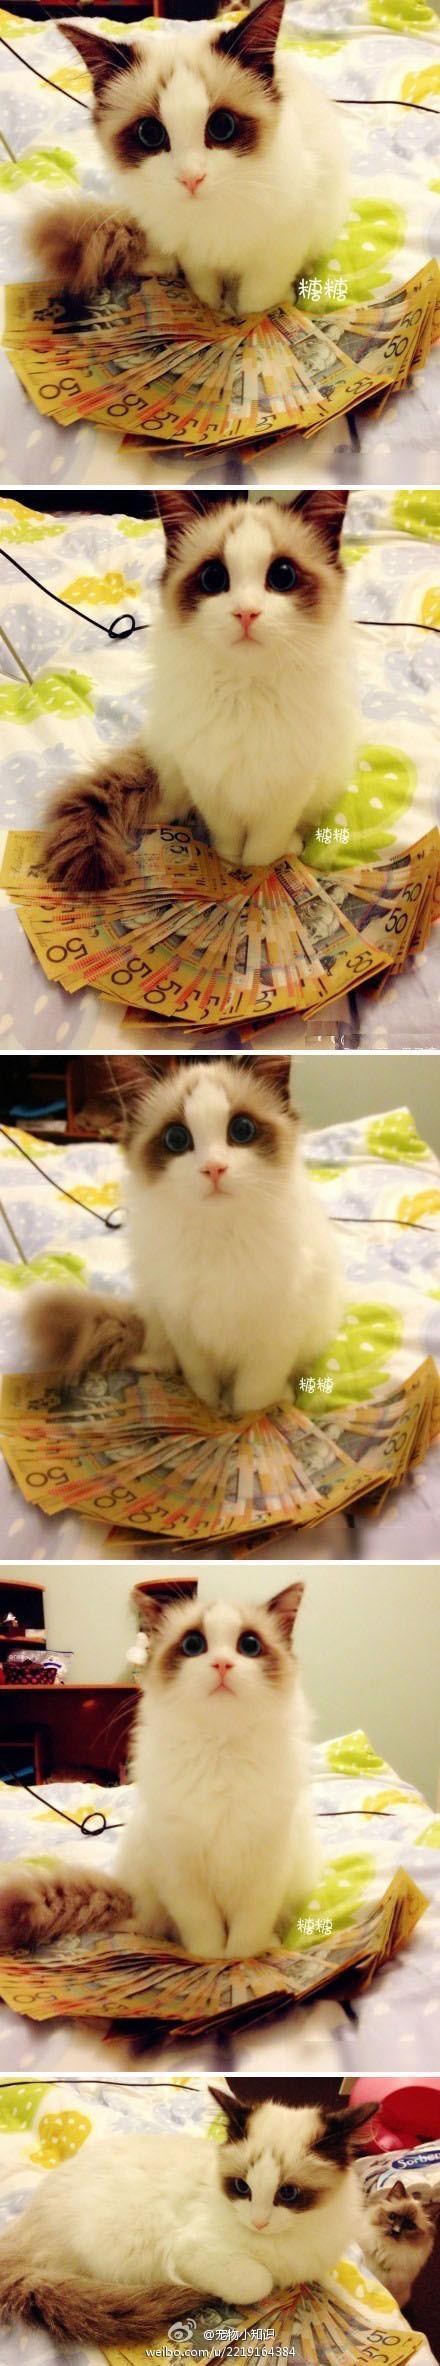 这货居然是 招 财 猫!!